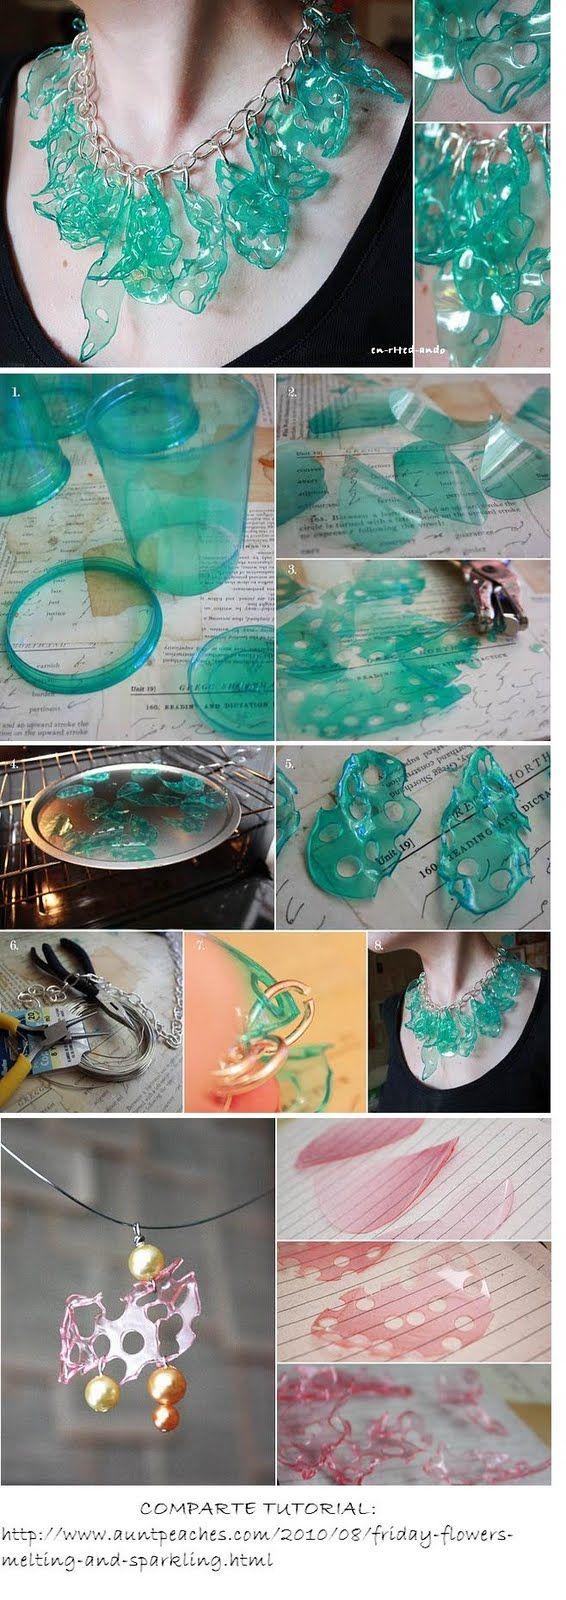 en-rHed-ando: Como hacer Manualidades con una Botella de Plastico Tutoriales